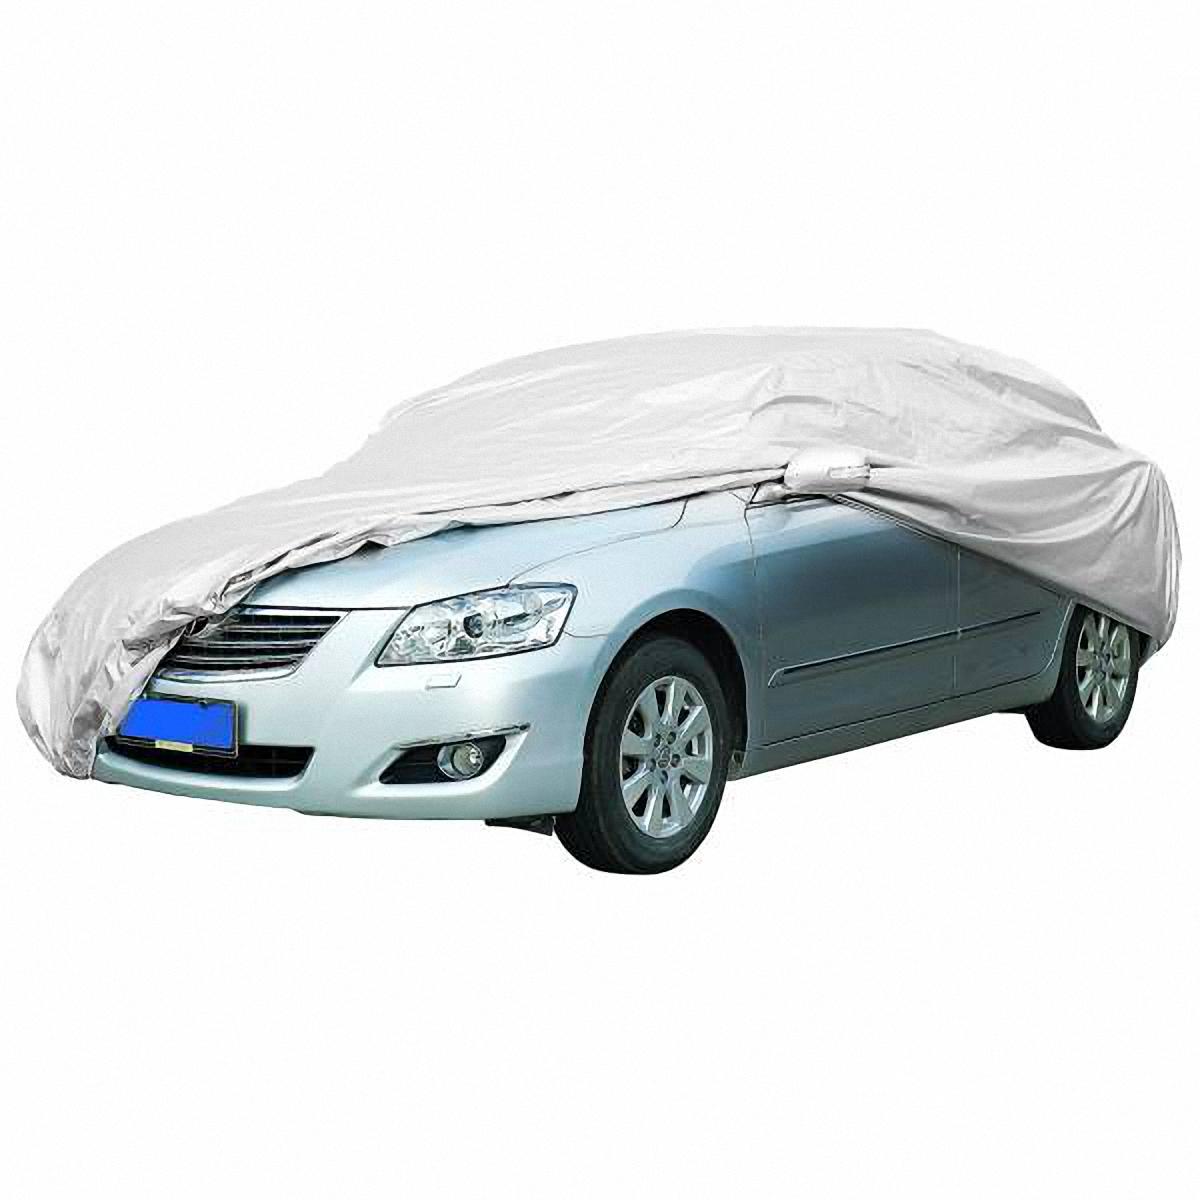 Чехол-тент автомобильный Skyway, 430 х 165 х 119 см. Размер MS04401002Тент автомобильный позволит защитить кузов вашего транспортного средства от коррозии и загрязнений во время хранения или транспортировки, а вас избавит от необходимости частого мытья вашего автомобиля. Чехол-тент предохраняет лакокрасочное покрытие кузова, стекла и фары вашего автомобиля от воздействия прямых солнечных лучей и неблагоприятных погодных условий, загрязнений. Легко и быстро надевается на автомобиль, не царапая и не повреждая его. Изготовлен из высококачественного полиэстера. В передней и задней части тента вшиты резинки, стягивающие его нижний край под передним и задним бамперами. Обладает высокой влаго- и износостойкостью. Обладает светоотражающими и пылезащитными свойствами. Выдерживает как низкие, так и высокие температуры. Воздухопроницаемый материал. Состав: полиэстер. Размер: 430 х 165 х 119 см.